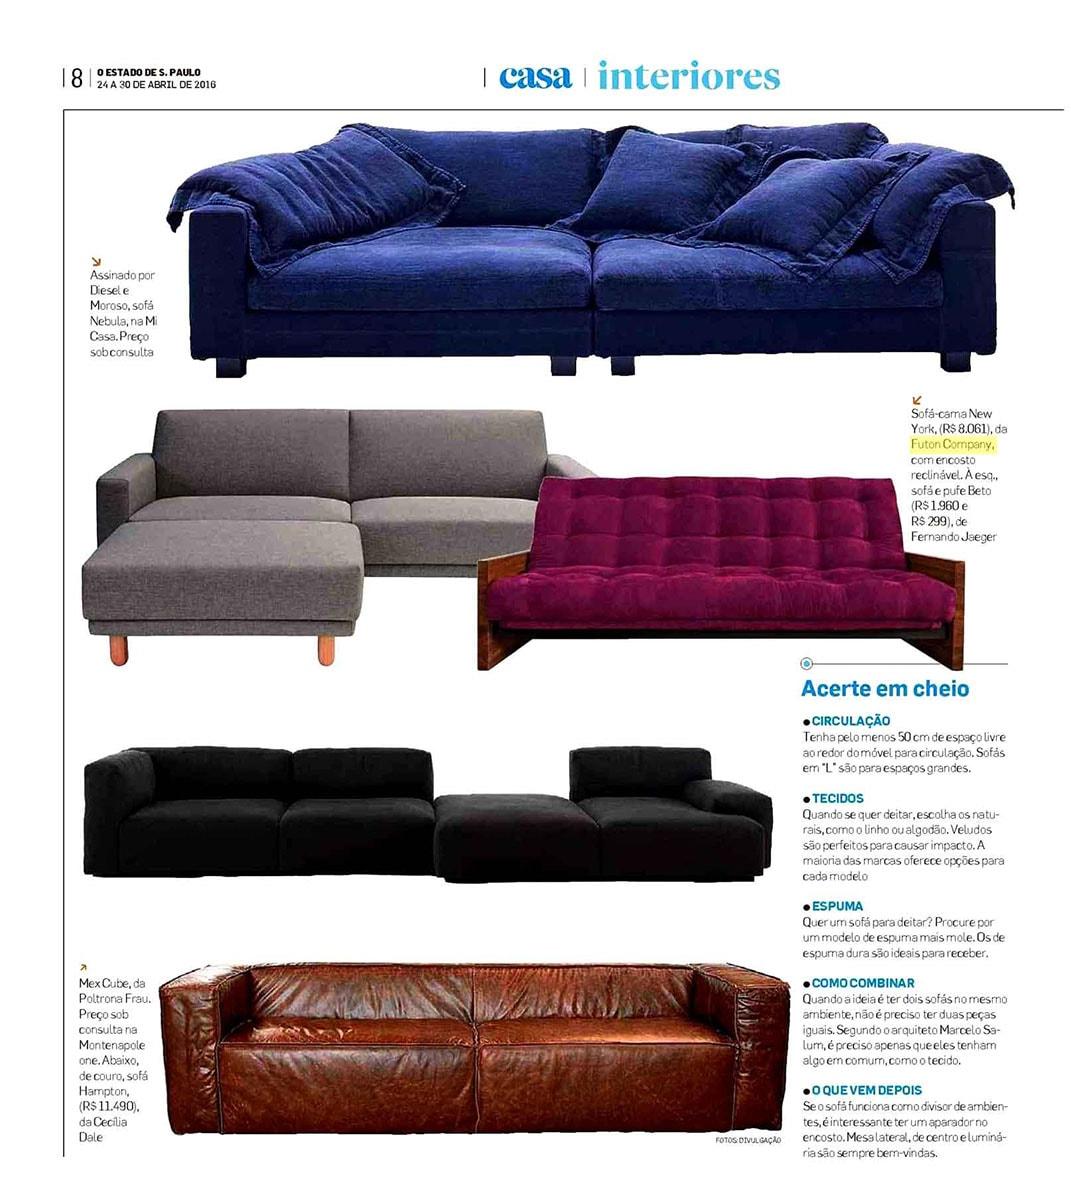 Sofá-cama reclinável New York